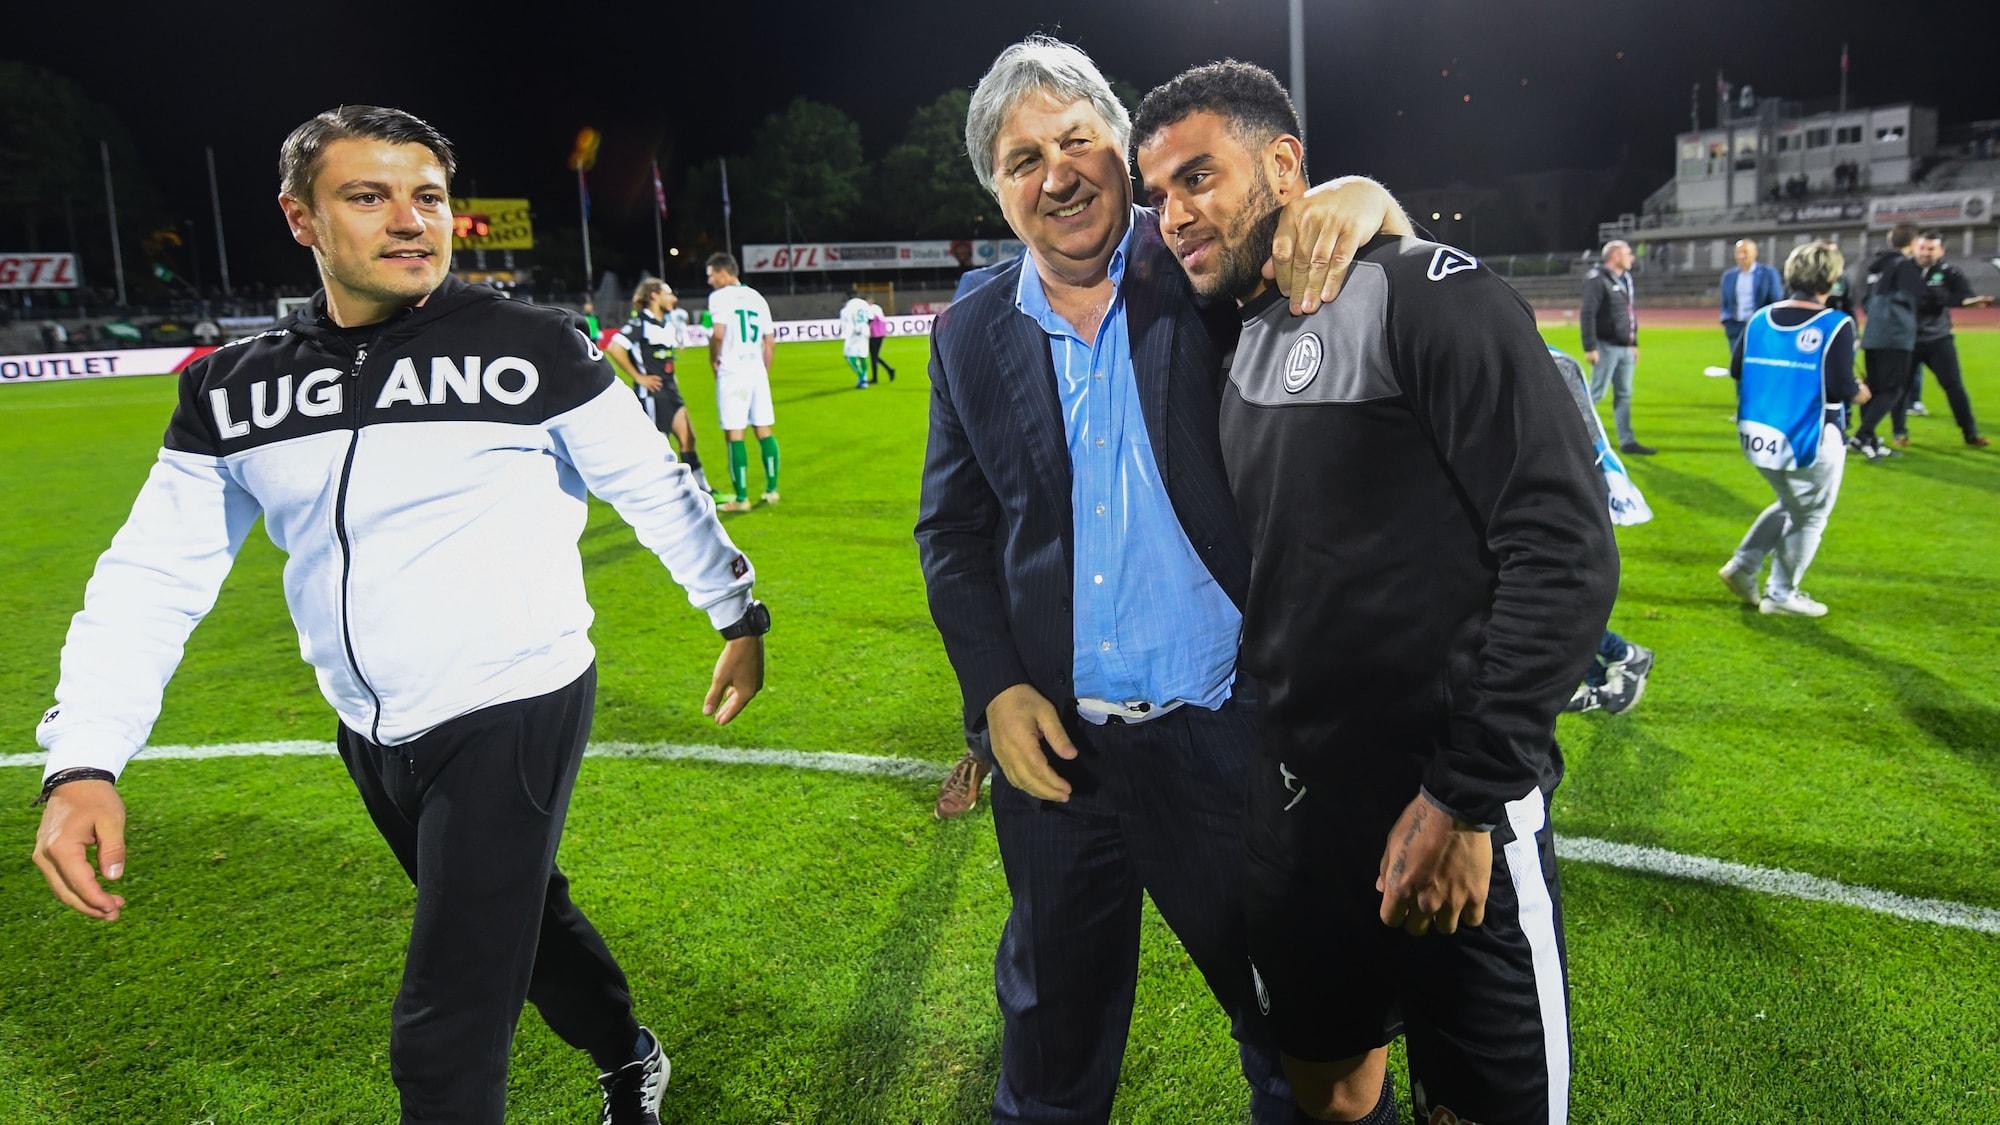 «Vielleicht nächste Woche»: Renzetti will FC Lugano verkaufen!